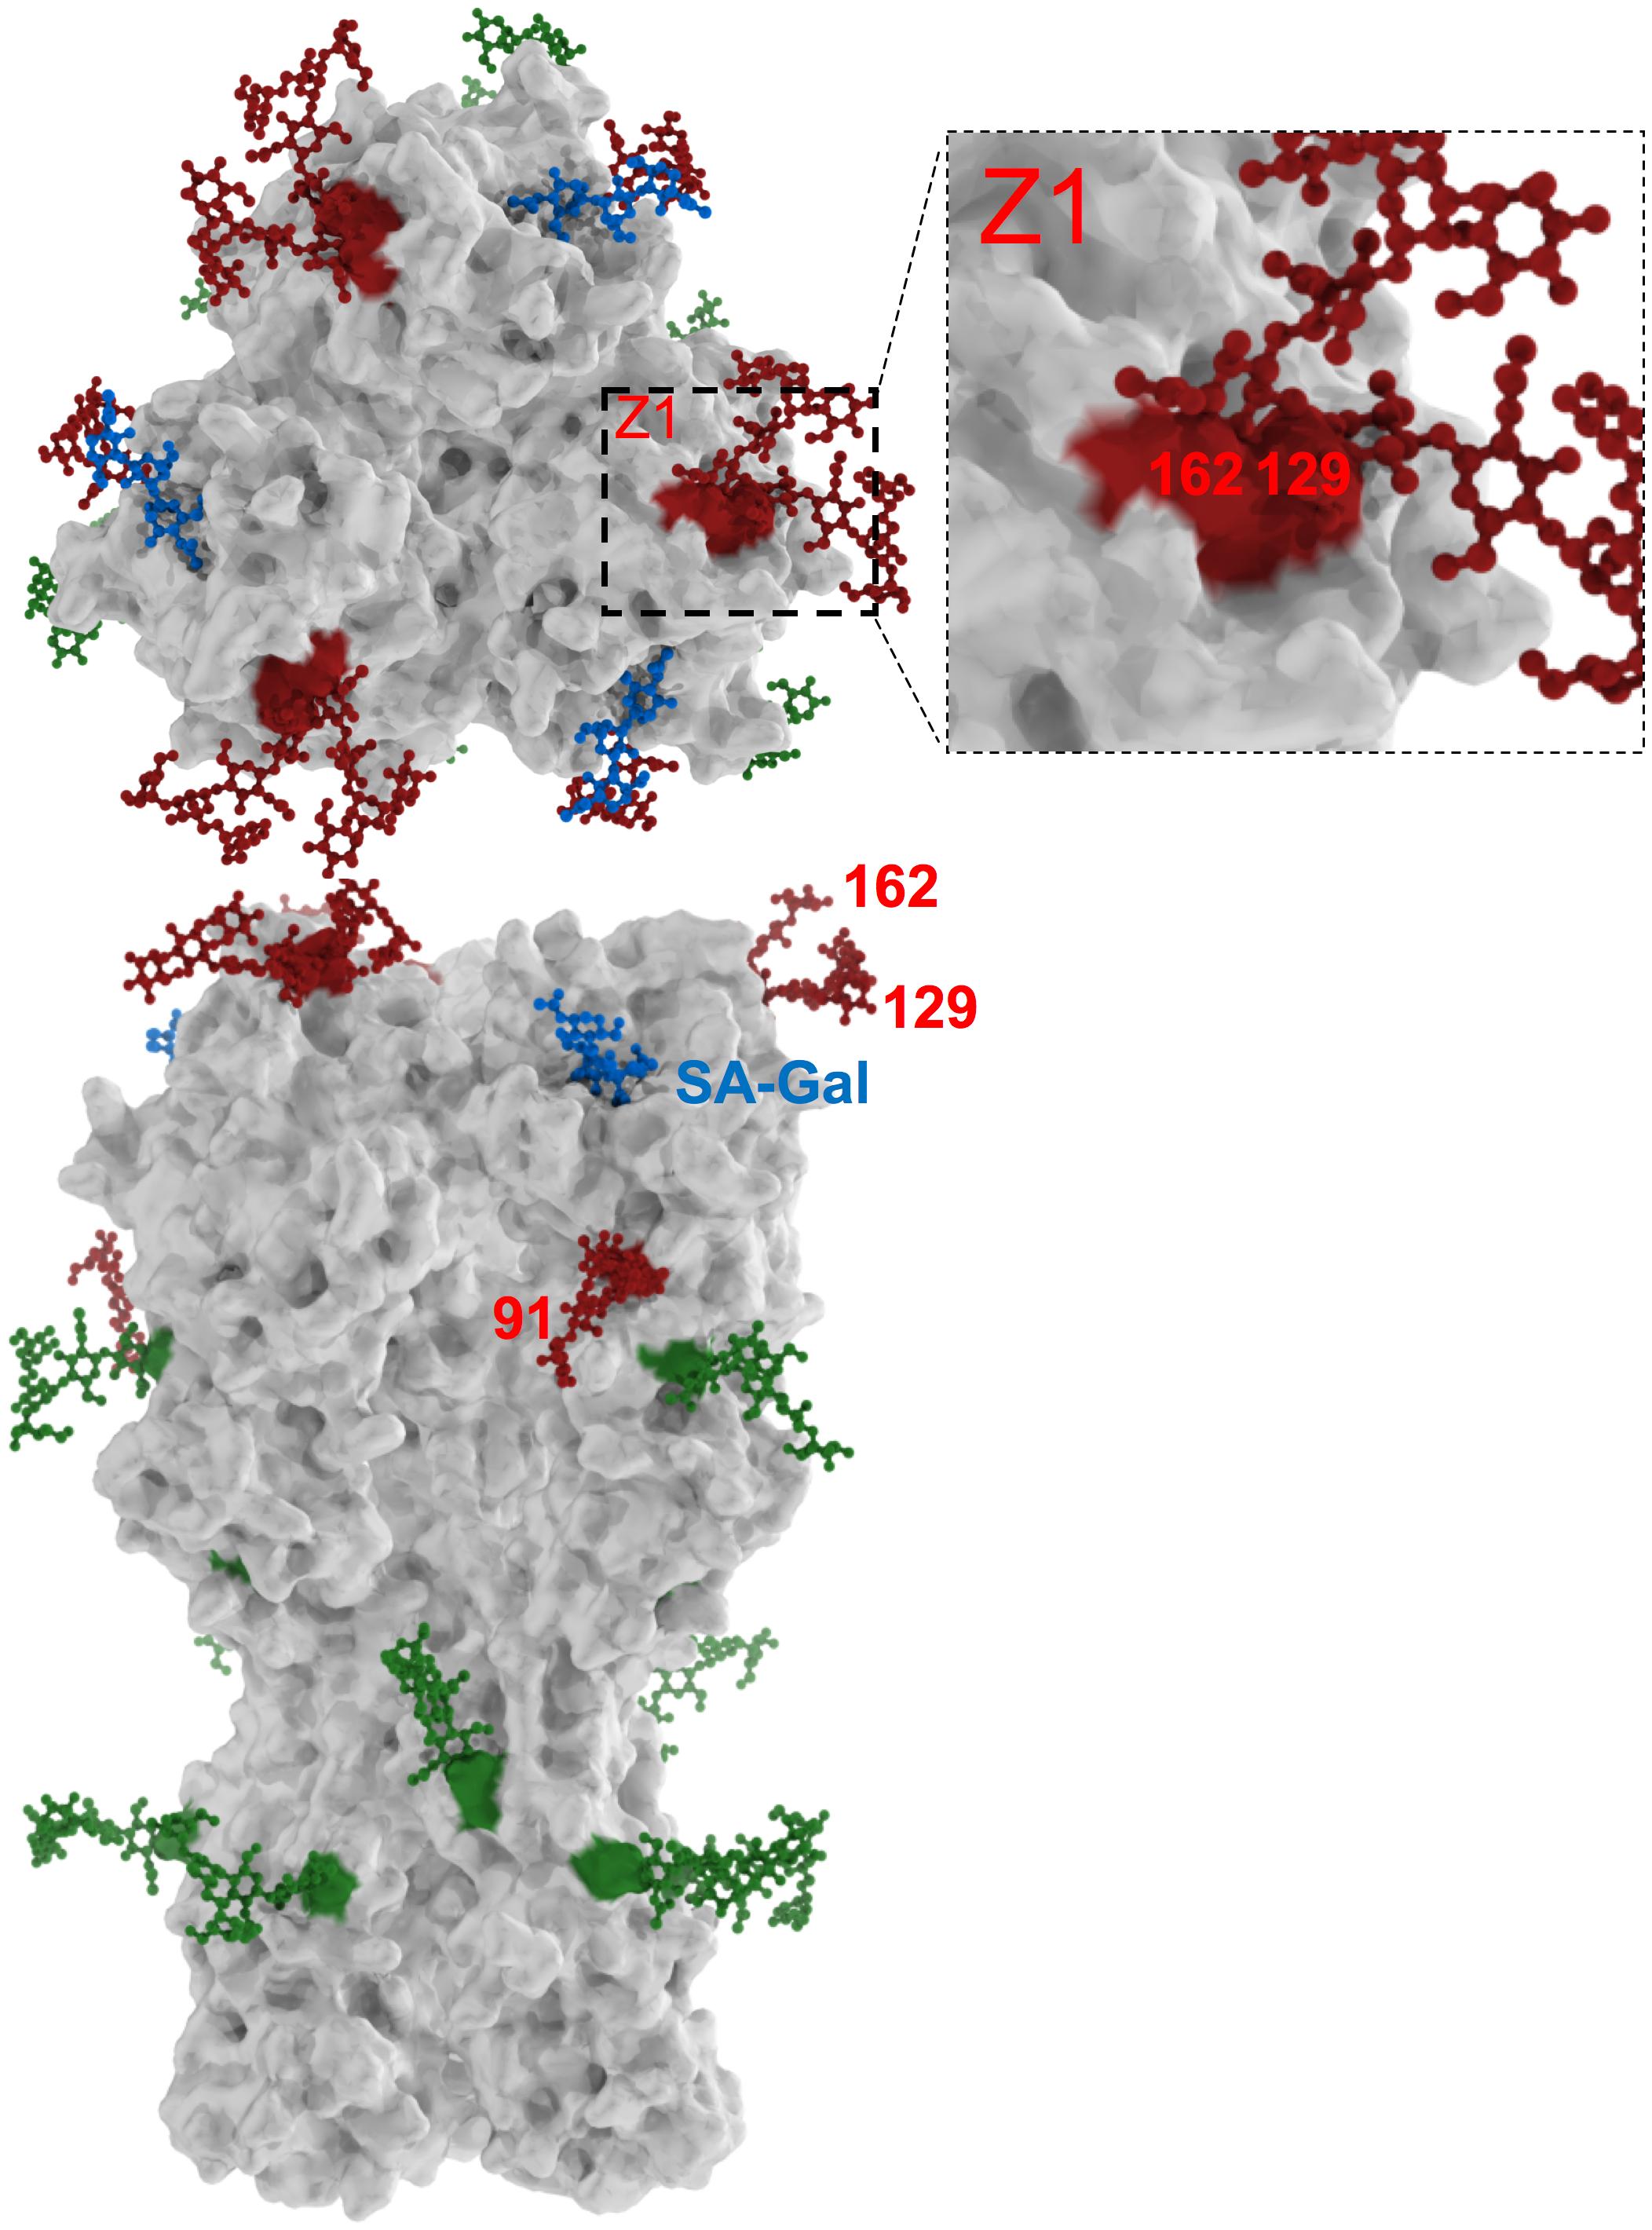 H1N1 HA glycosylation sites.